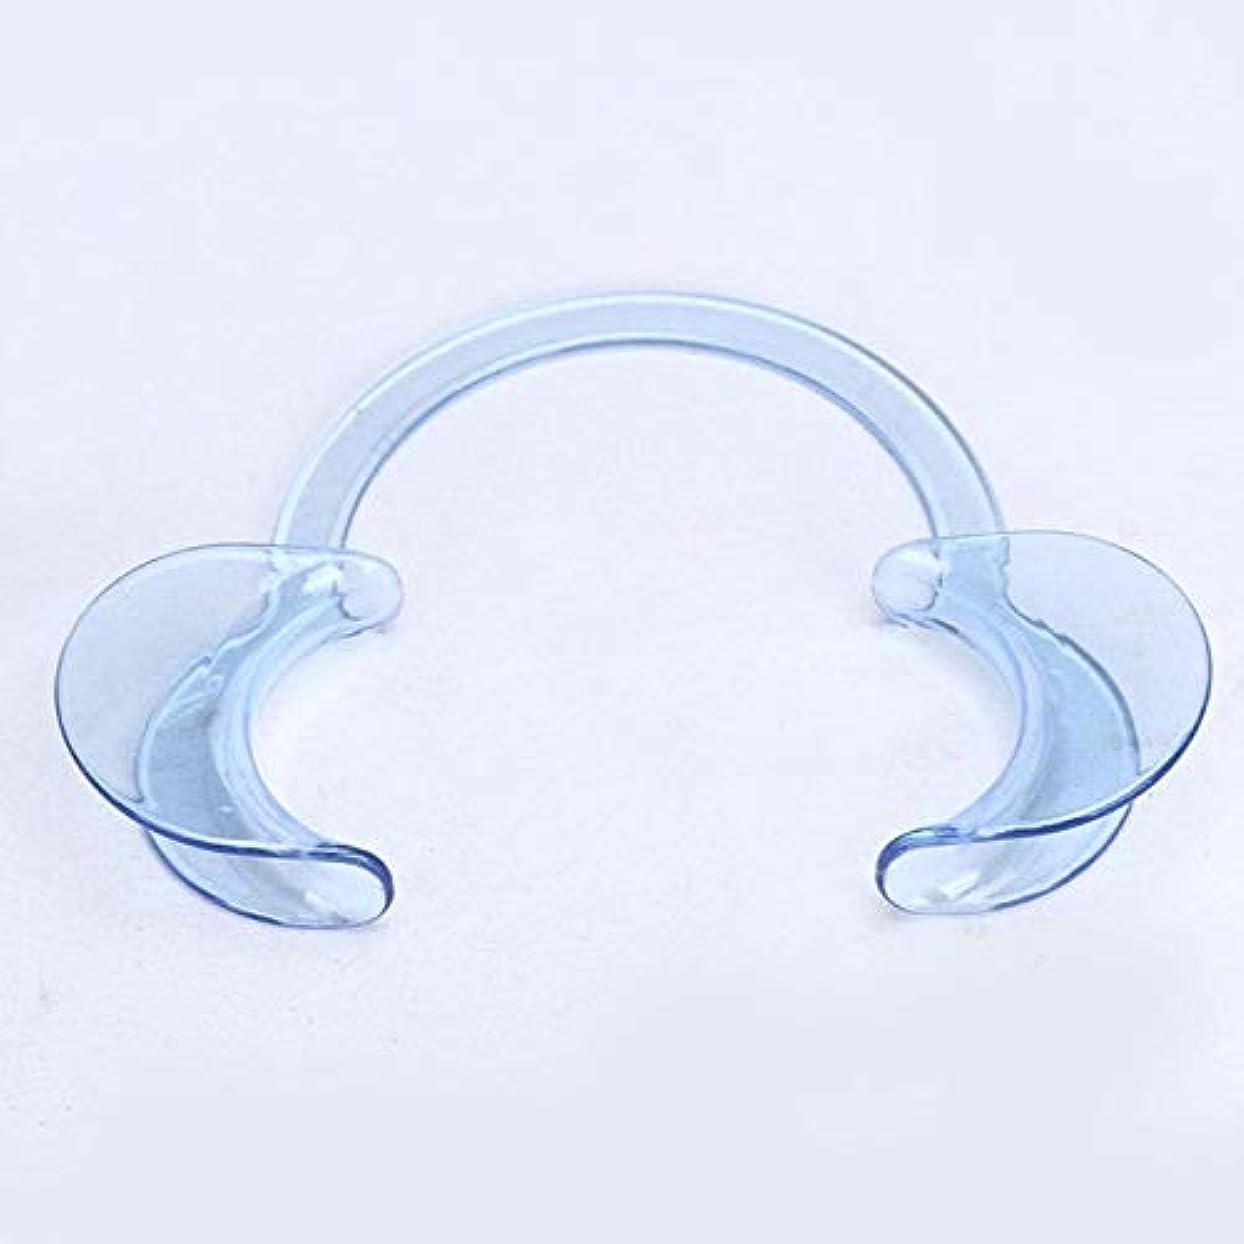 メディック列挙するヒギンズDC パック 歯科 C型 開口器 口オープナー マウスオープナー 開口マウスオープナー C型ホワイトニング口の開創器